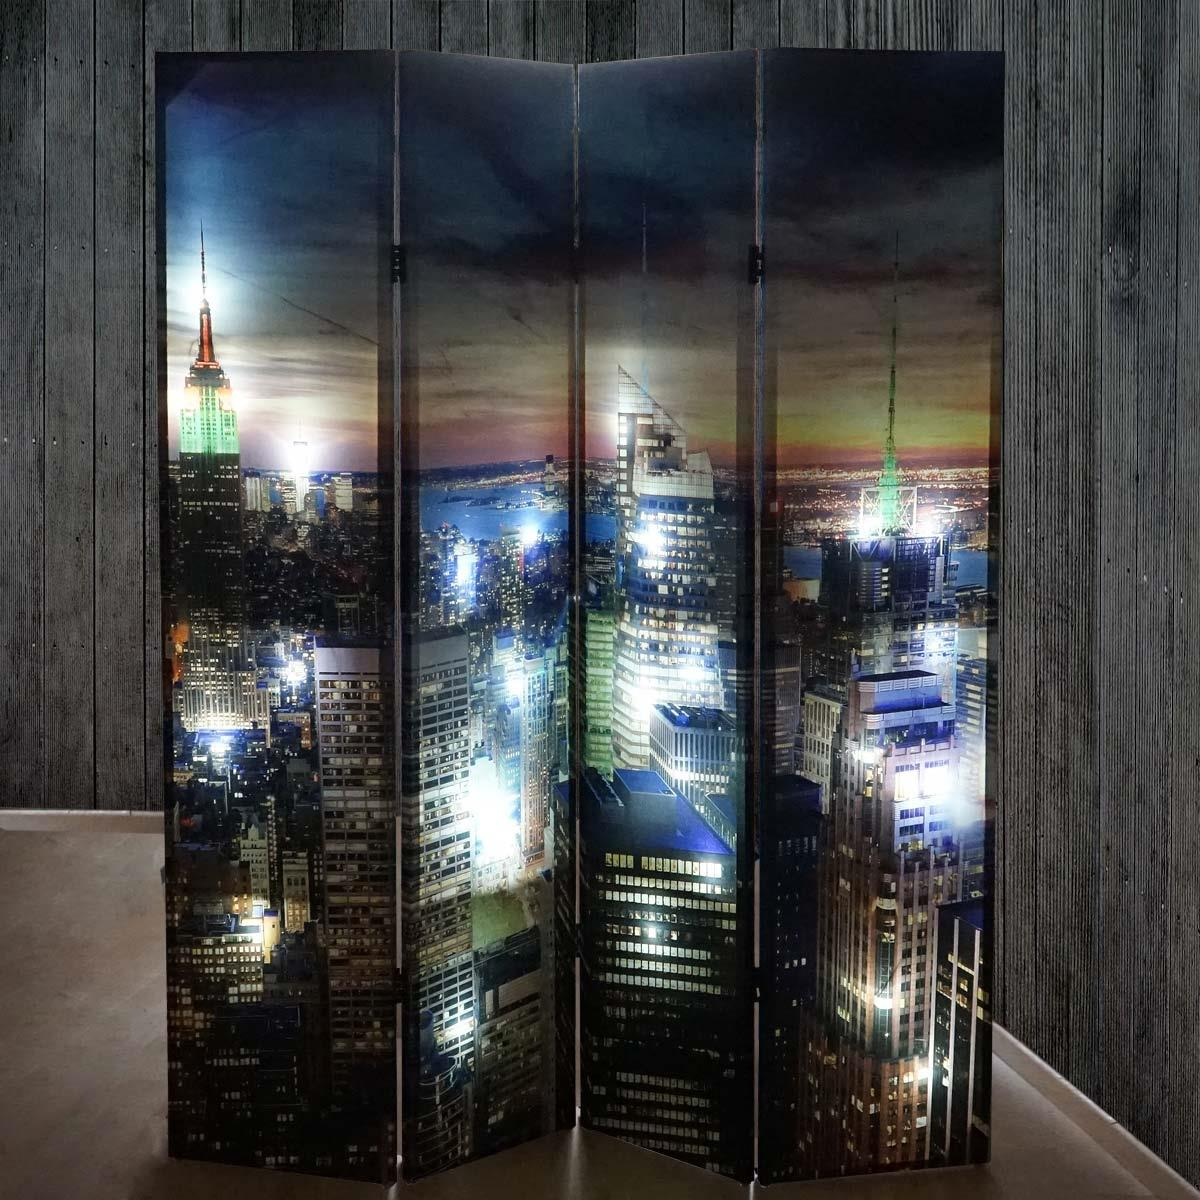 Biombo decorativo new york iluminaci n por 28 led - Iluminacion original ...